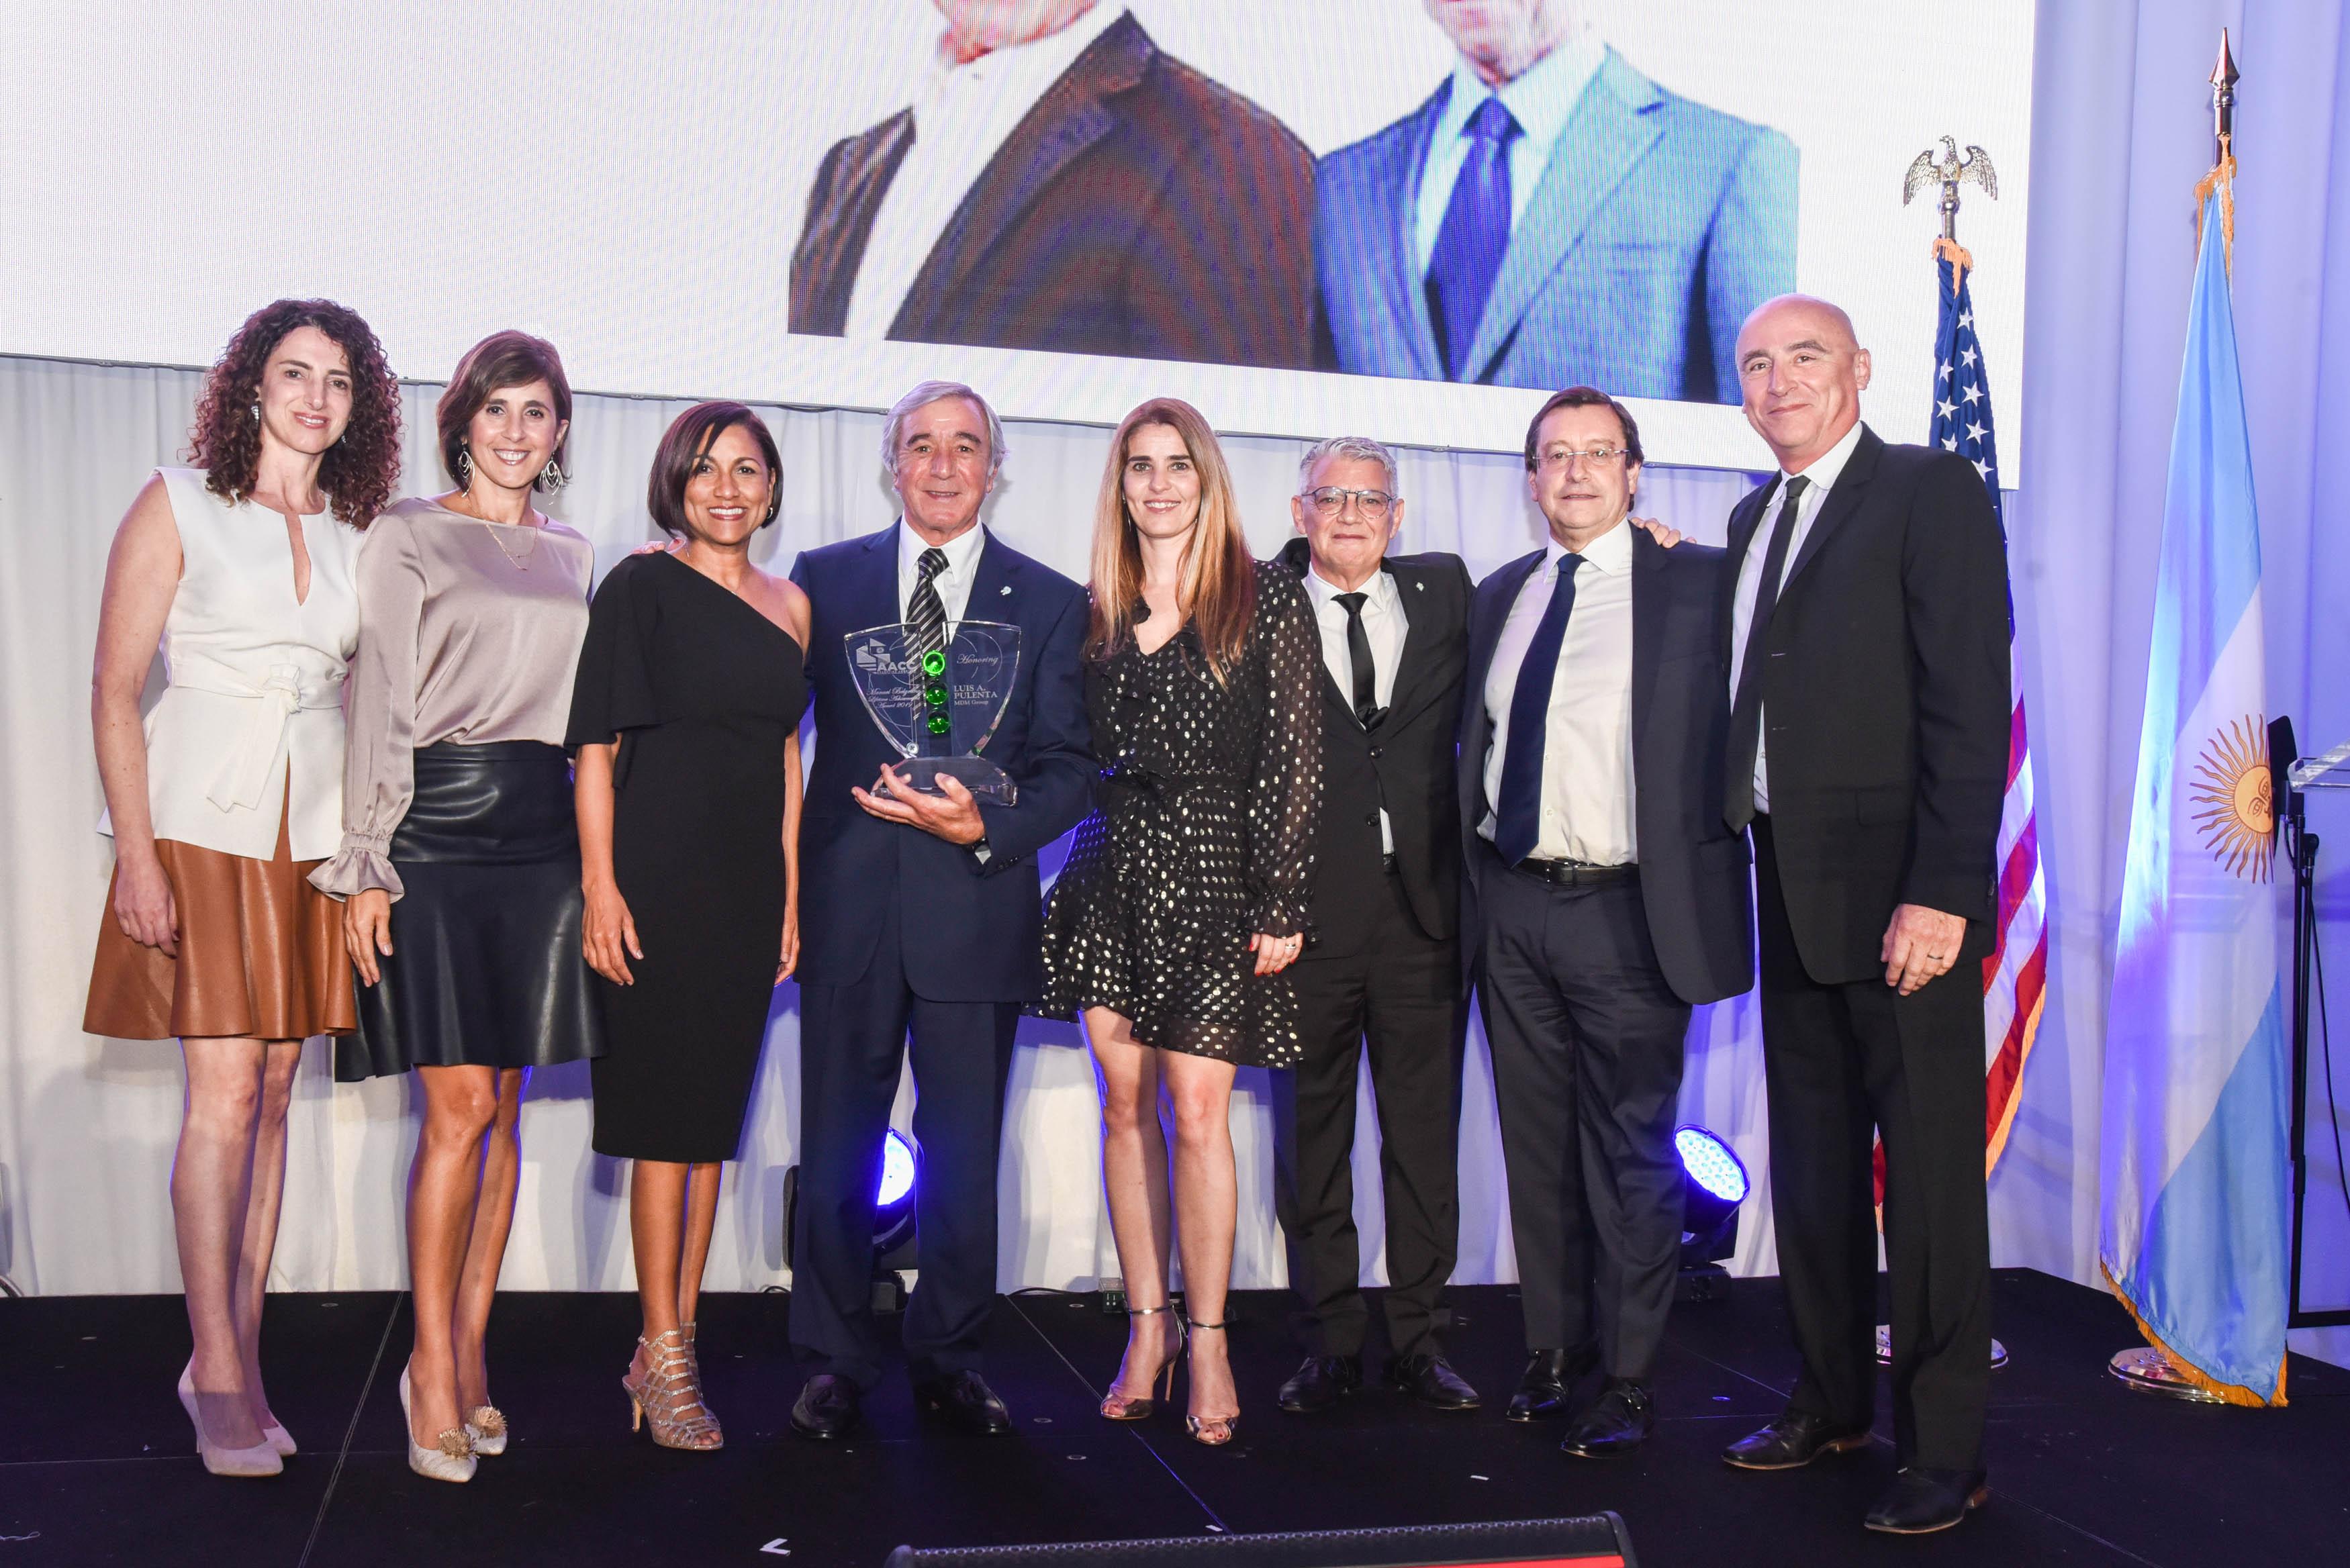 Luis Pulenta (MDM Group) recibe el Premio Manuel Belgrano a la Trayectoria, acompañado de su equipo